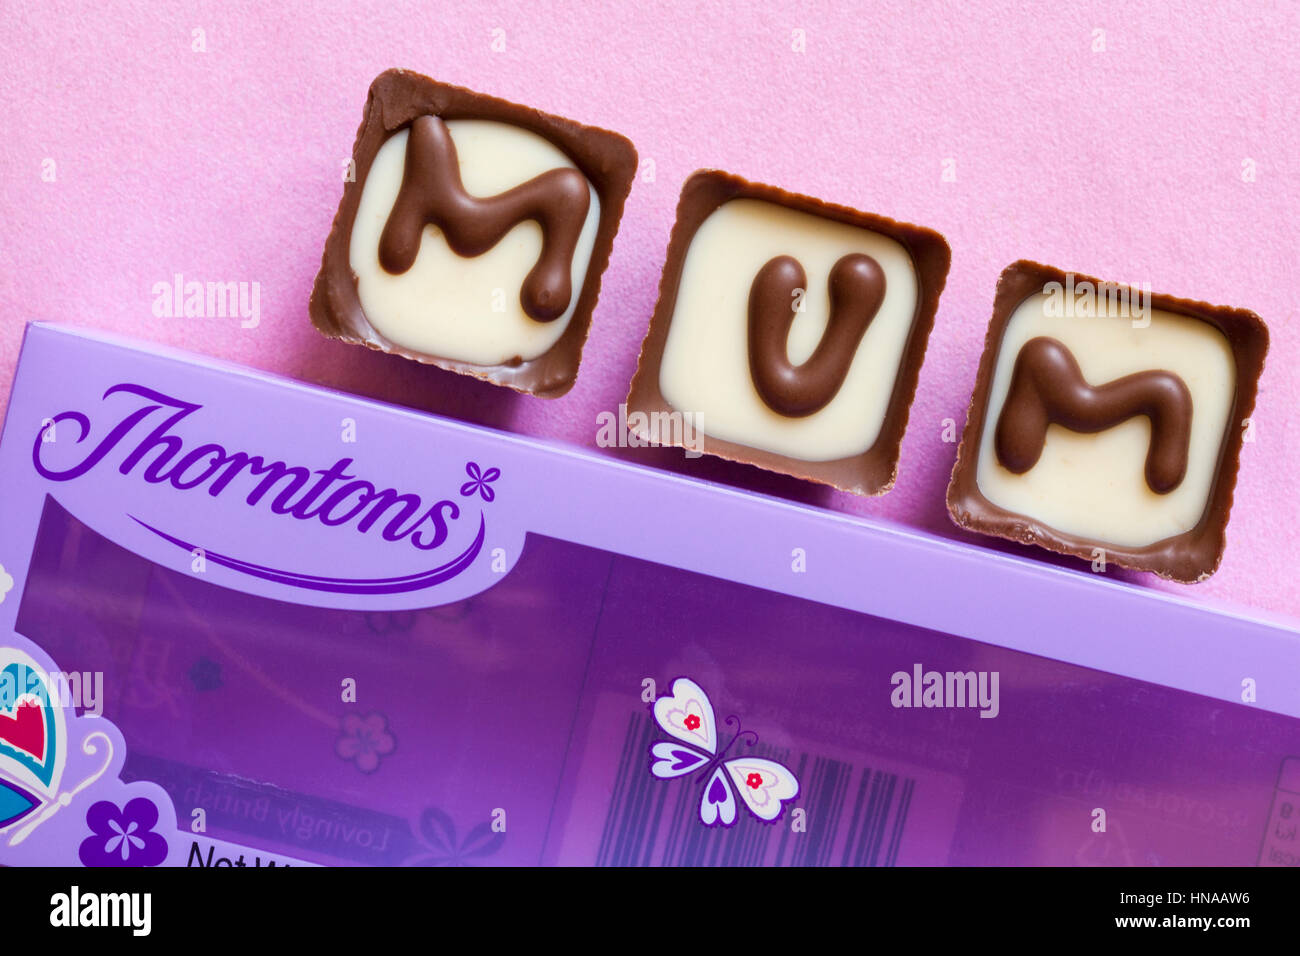 Thorntons chocolats maman parfaite comme la Fête des Mères, Mothering Sunday, présent sur fond rose Photo Stock